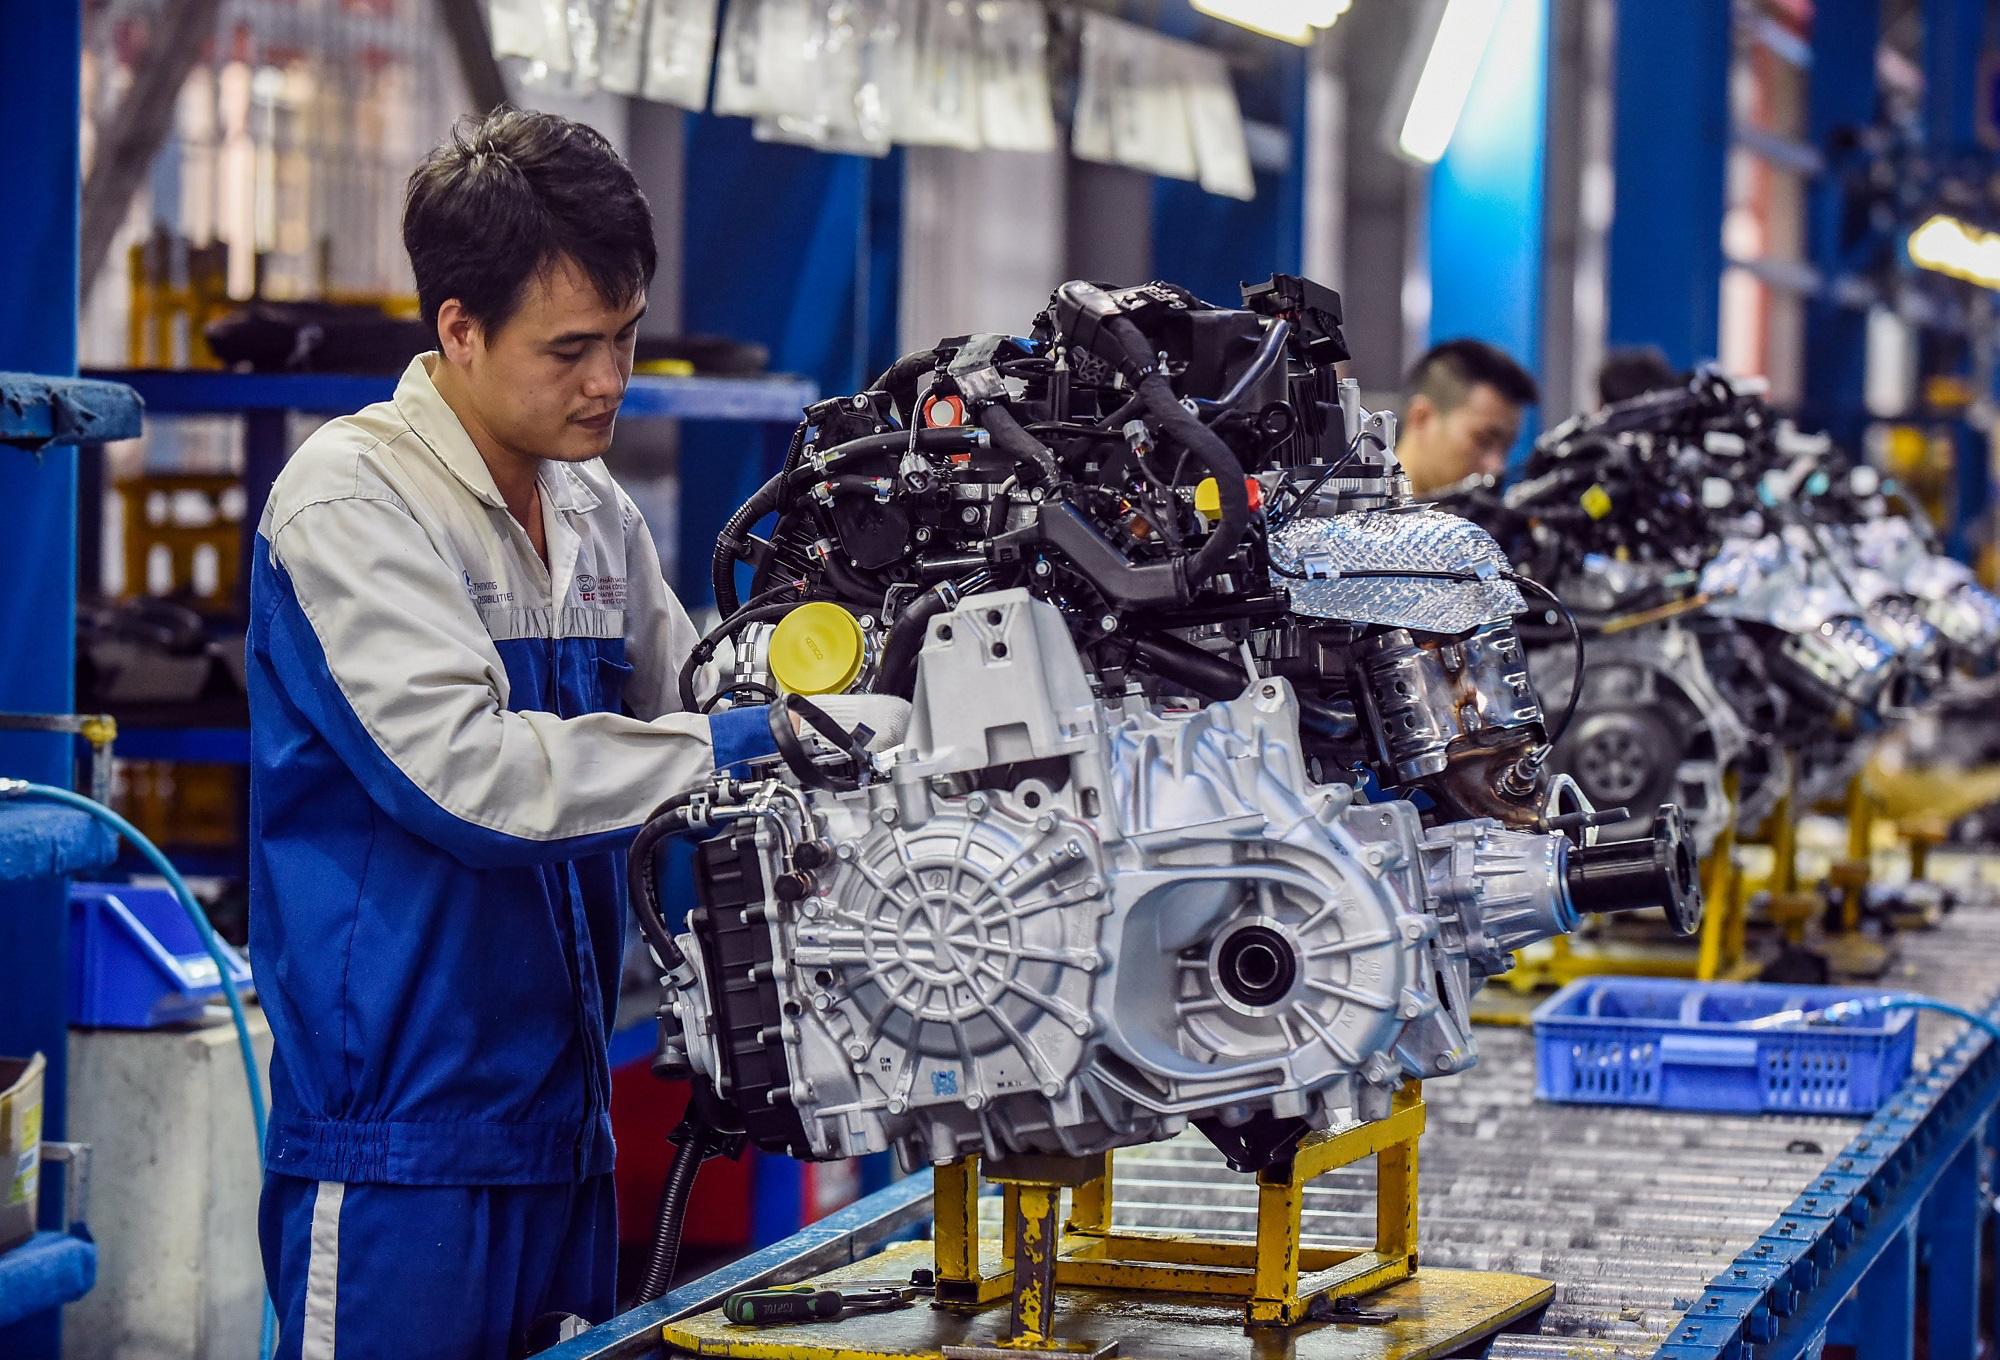 Đâu là yếu tố rủi ro nhất cho tăng trưởng kinh tế Việt Nam năm 2021? - Ảnh 3.